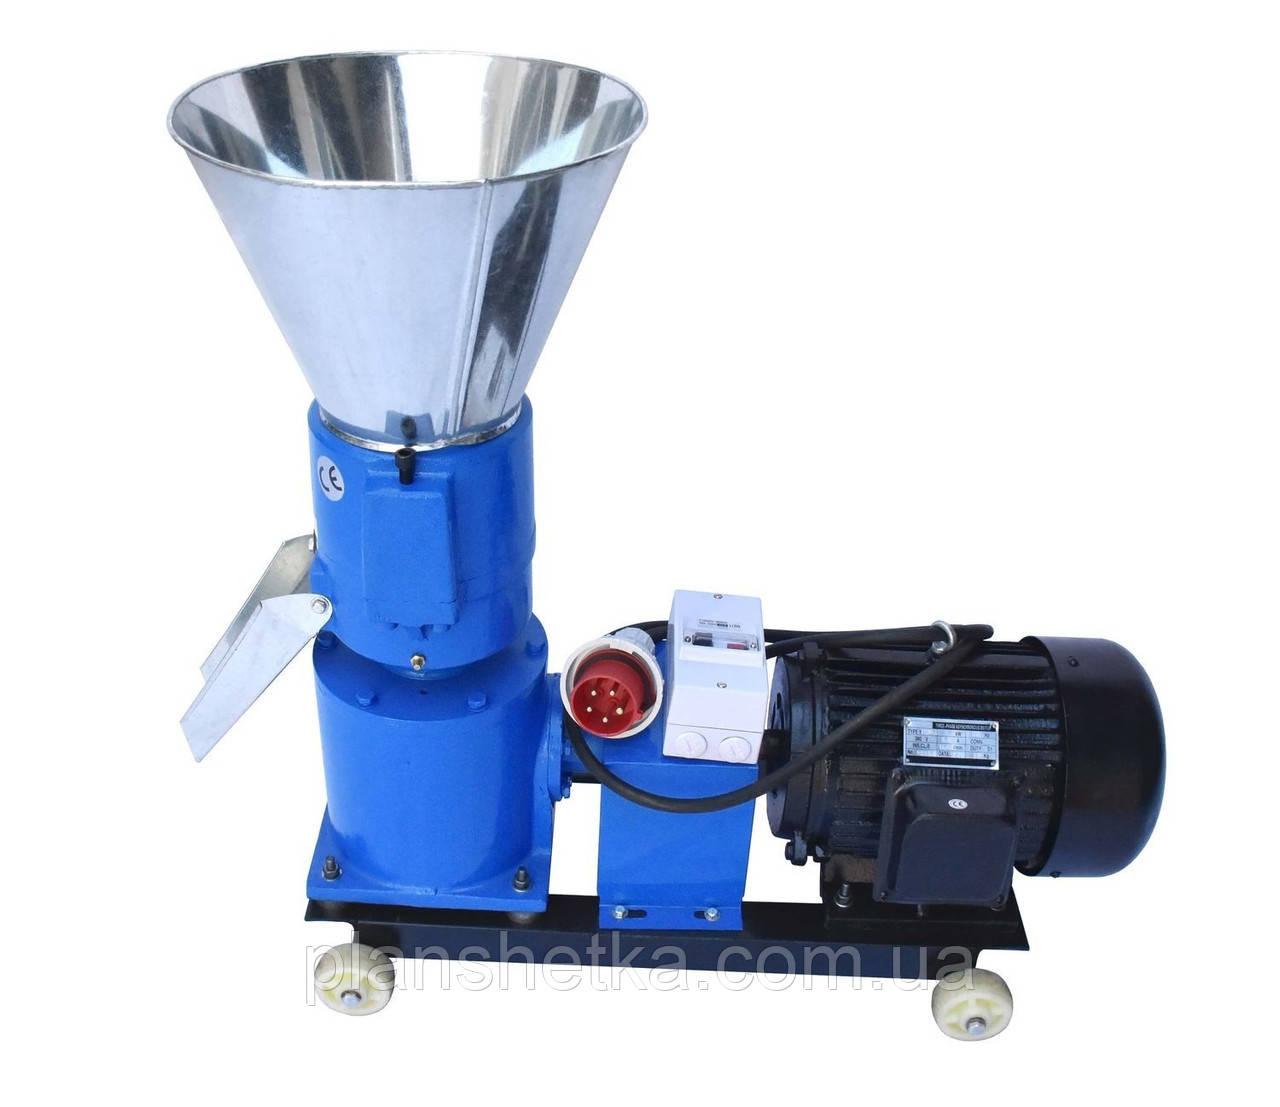 Гранулятор для комбикорма Tеhnomur KL-150